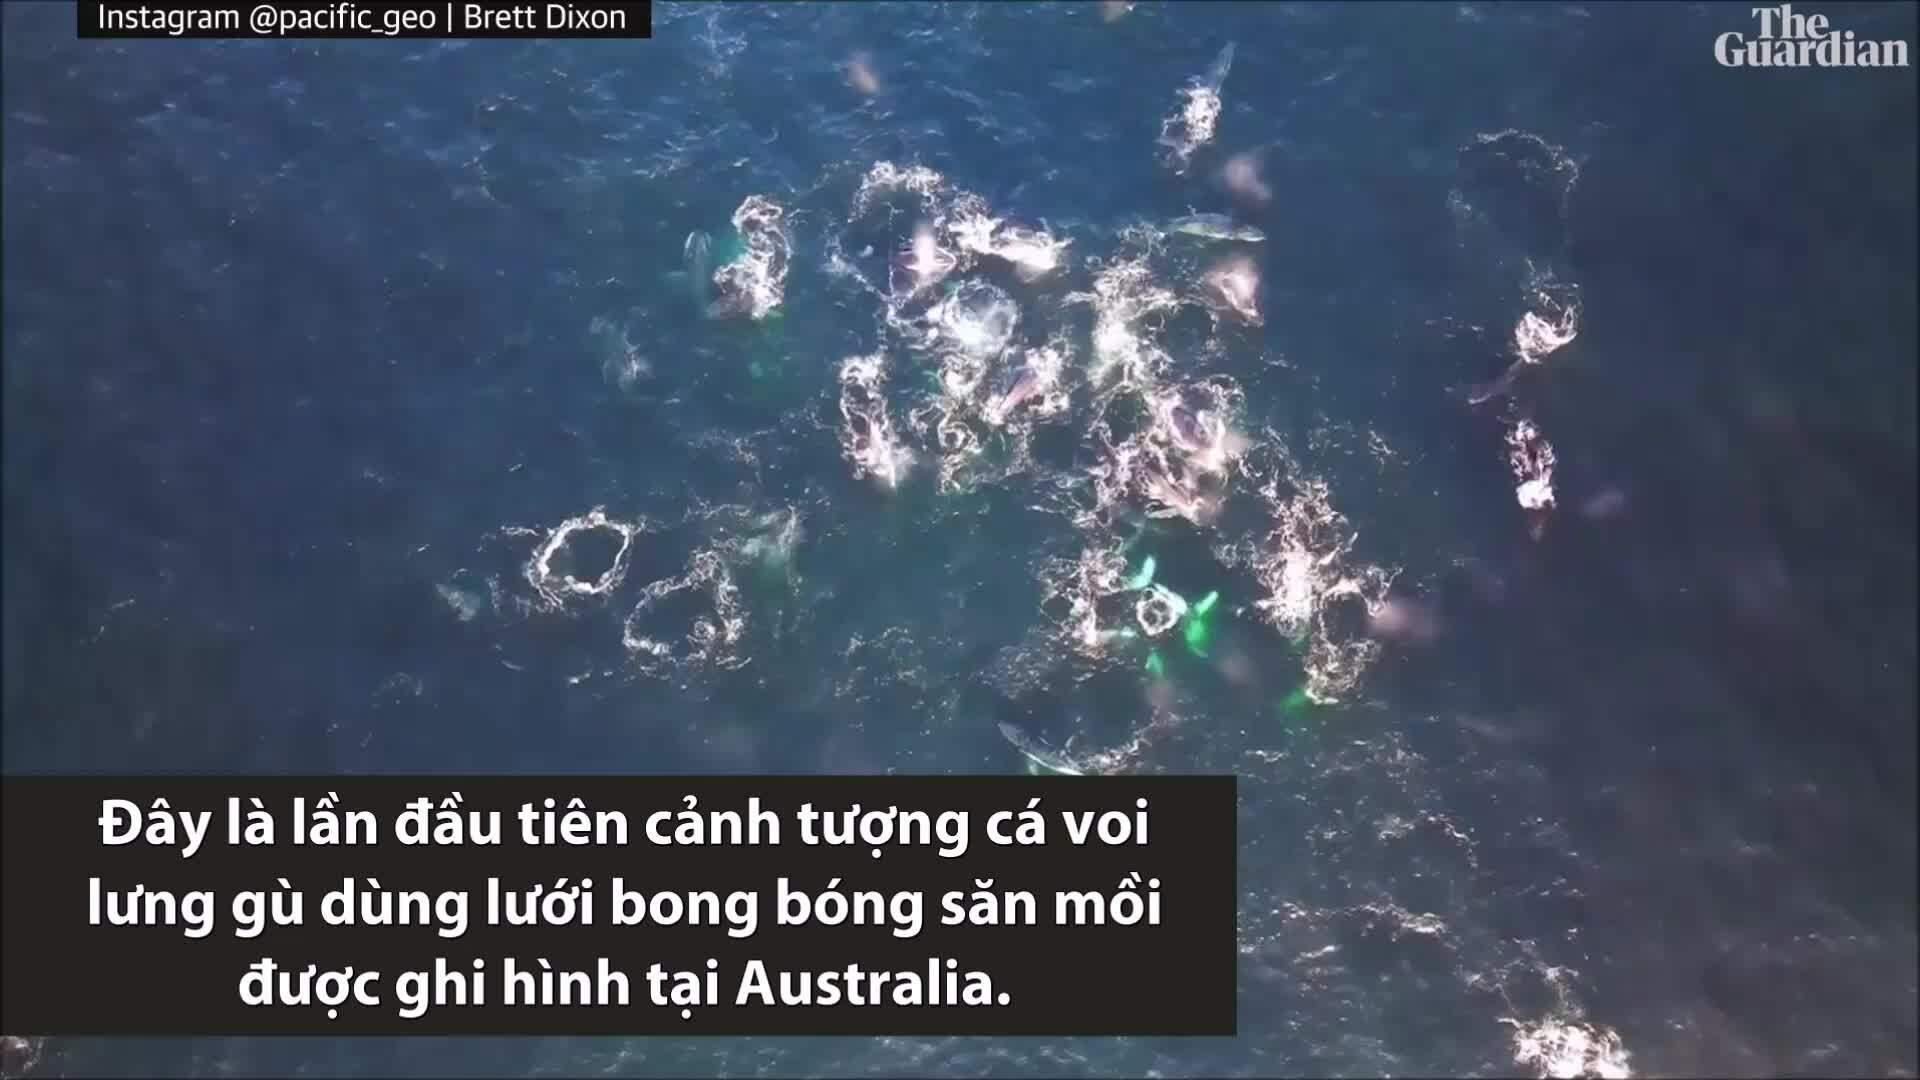 Lần đầu tiên cá voi lưng gù dùng lưới bong bóng ở Australia